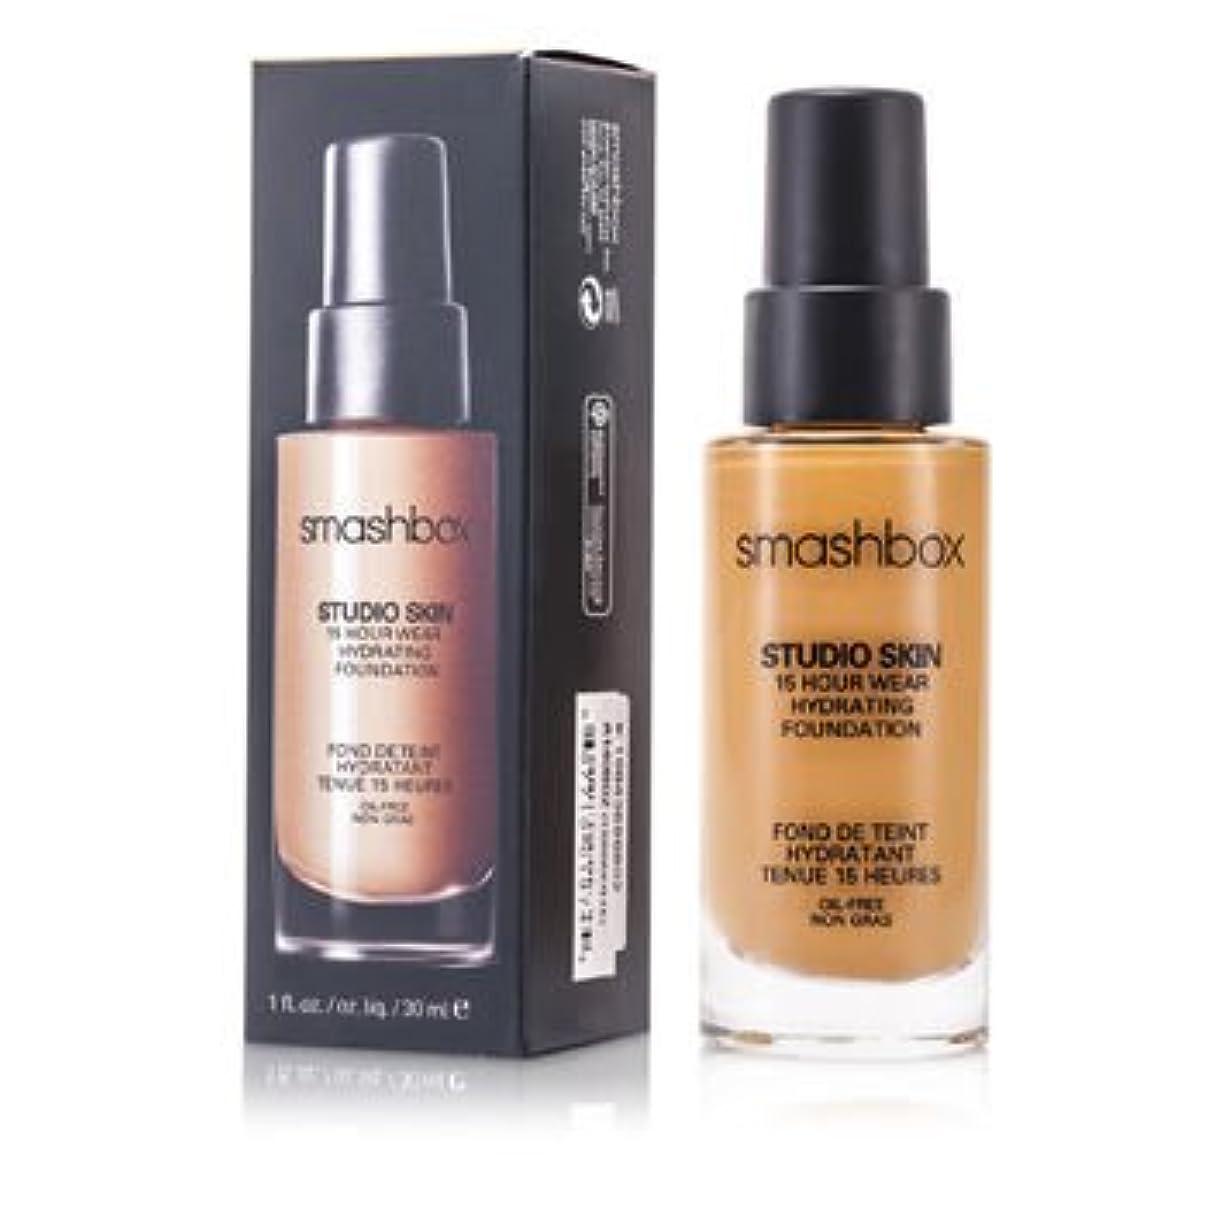 記事奇跡的なランダムスマッシュボックス Studio Skin 15 Hour Wear Hydrating Foundation - # 2.4 Neutral Beige30ml/1oz並行輸入品